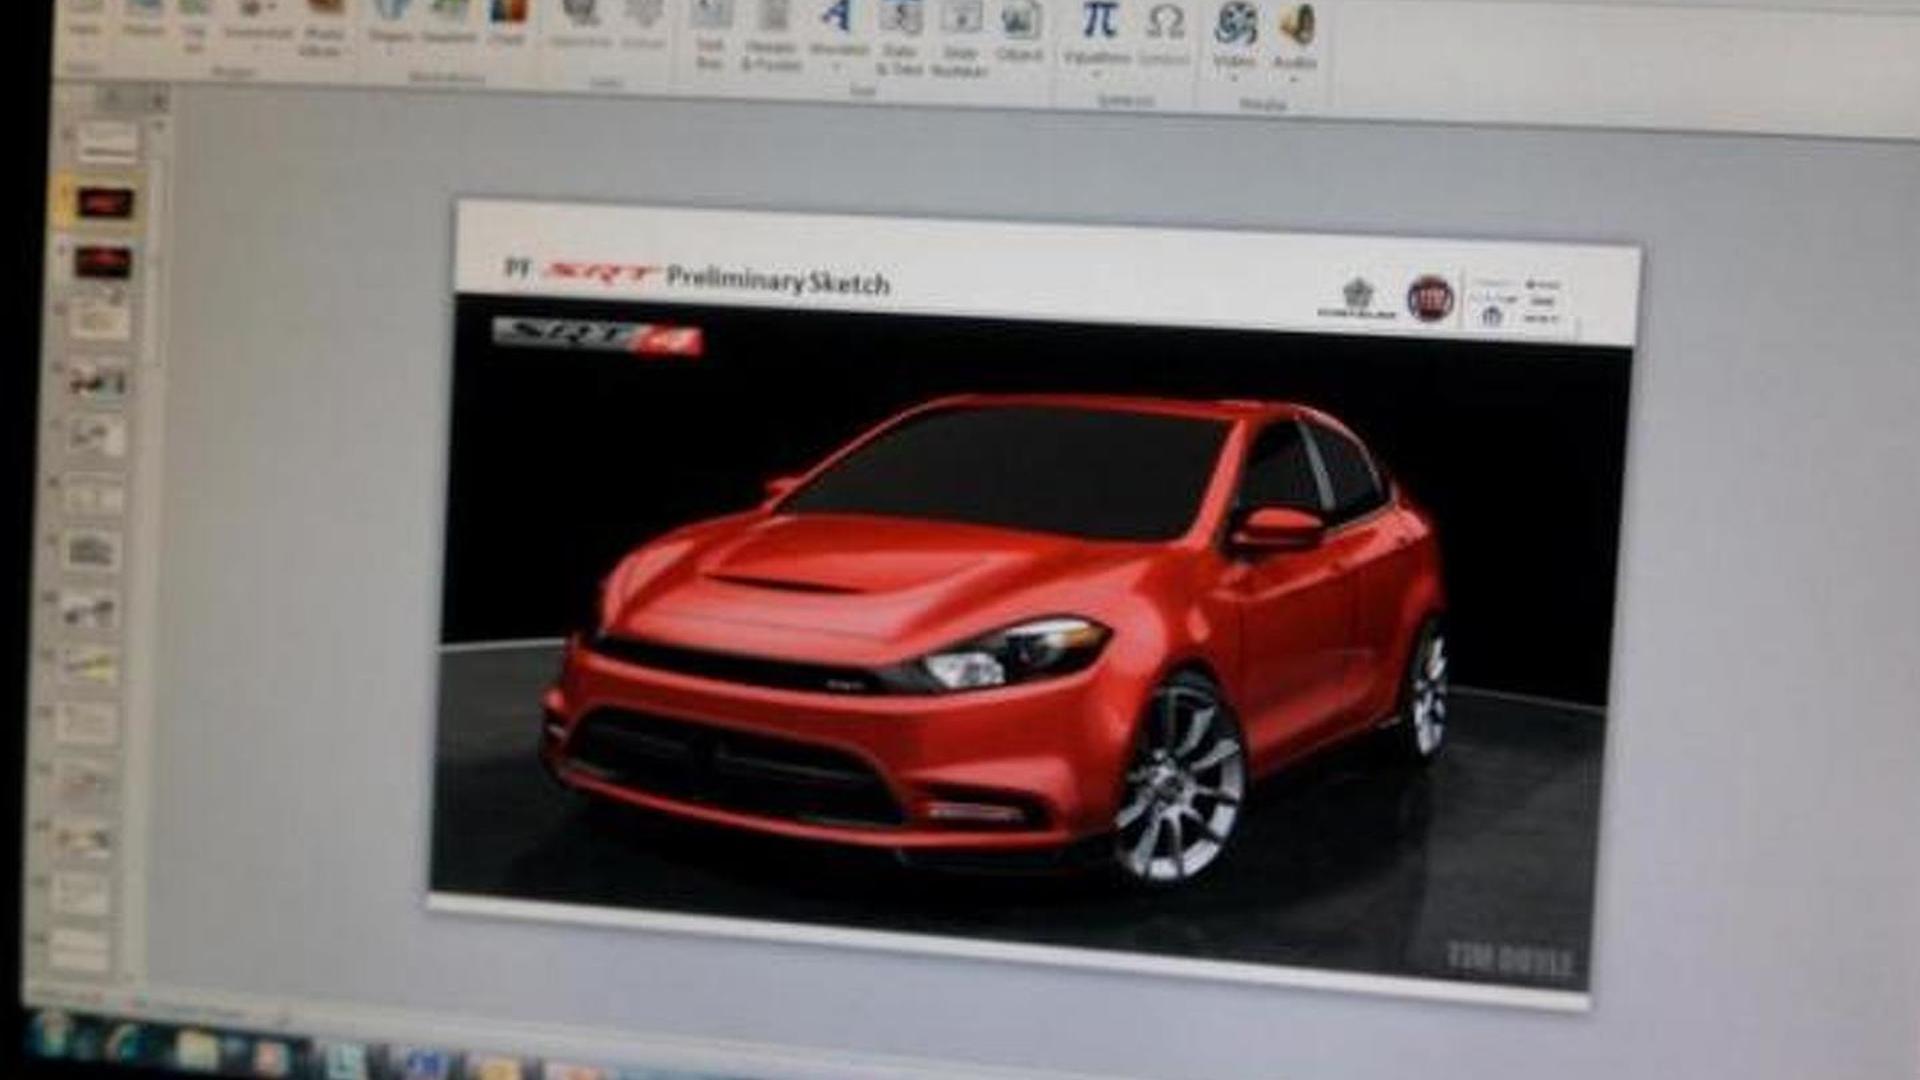 2014 Dodge Dart SRT4 preliminary sketch leaked